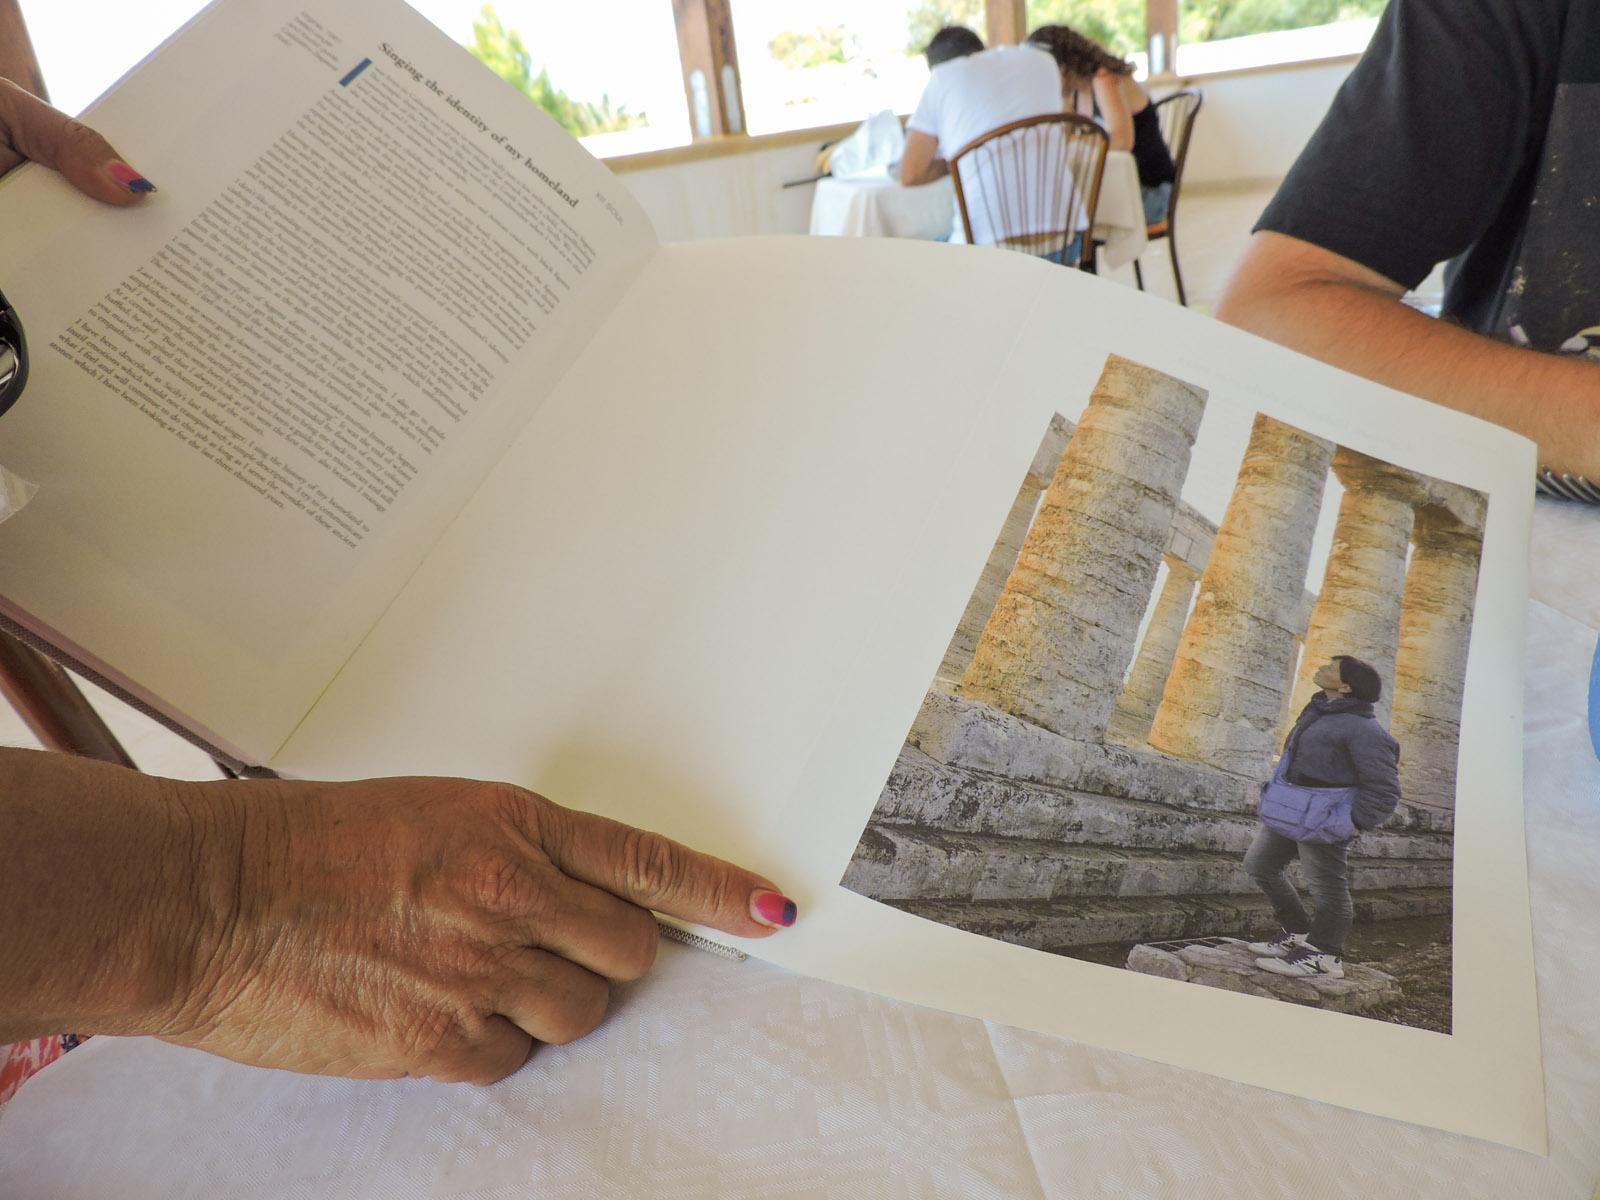 Il libro di Bonetti in cui viene citata Virginia Aloisi come esempio di rapporto intimo e selvaggio con la sua terra, la Sicilia